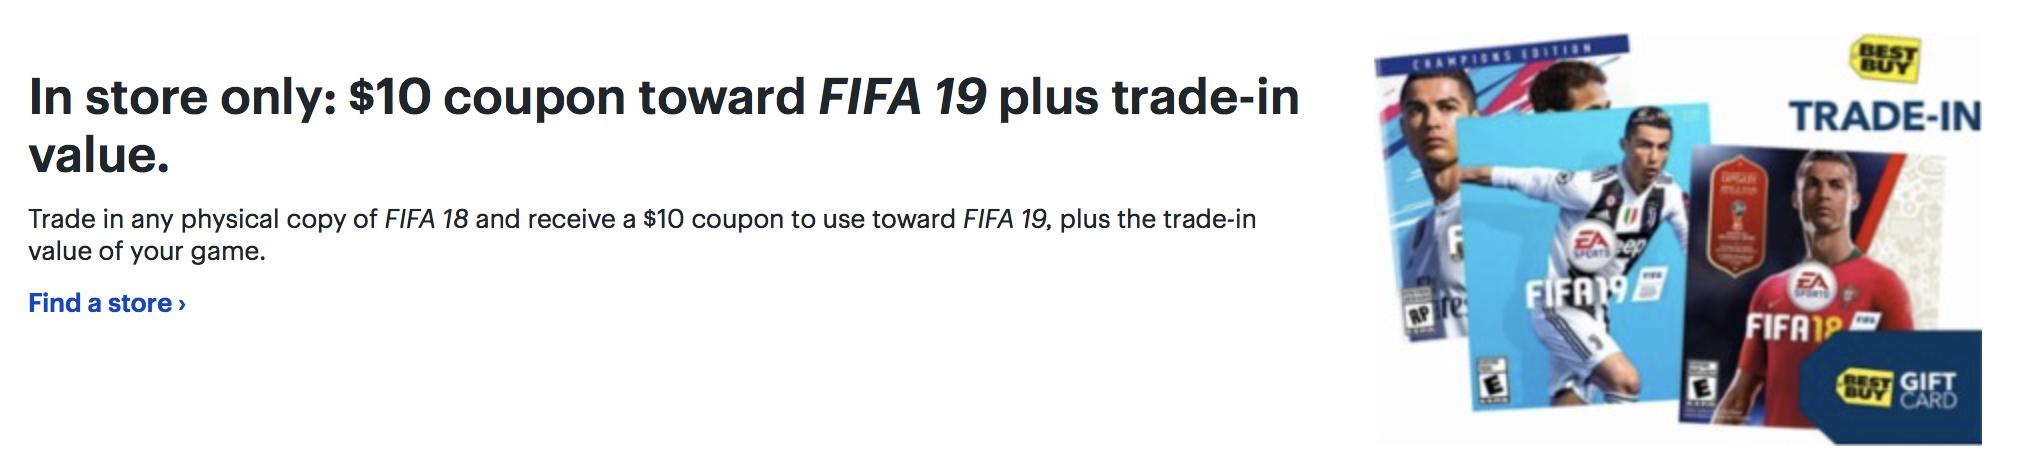 Best Buy FIFA 19 Deal